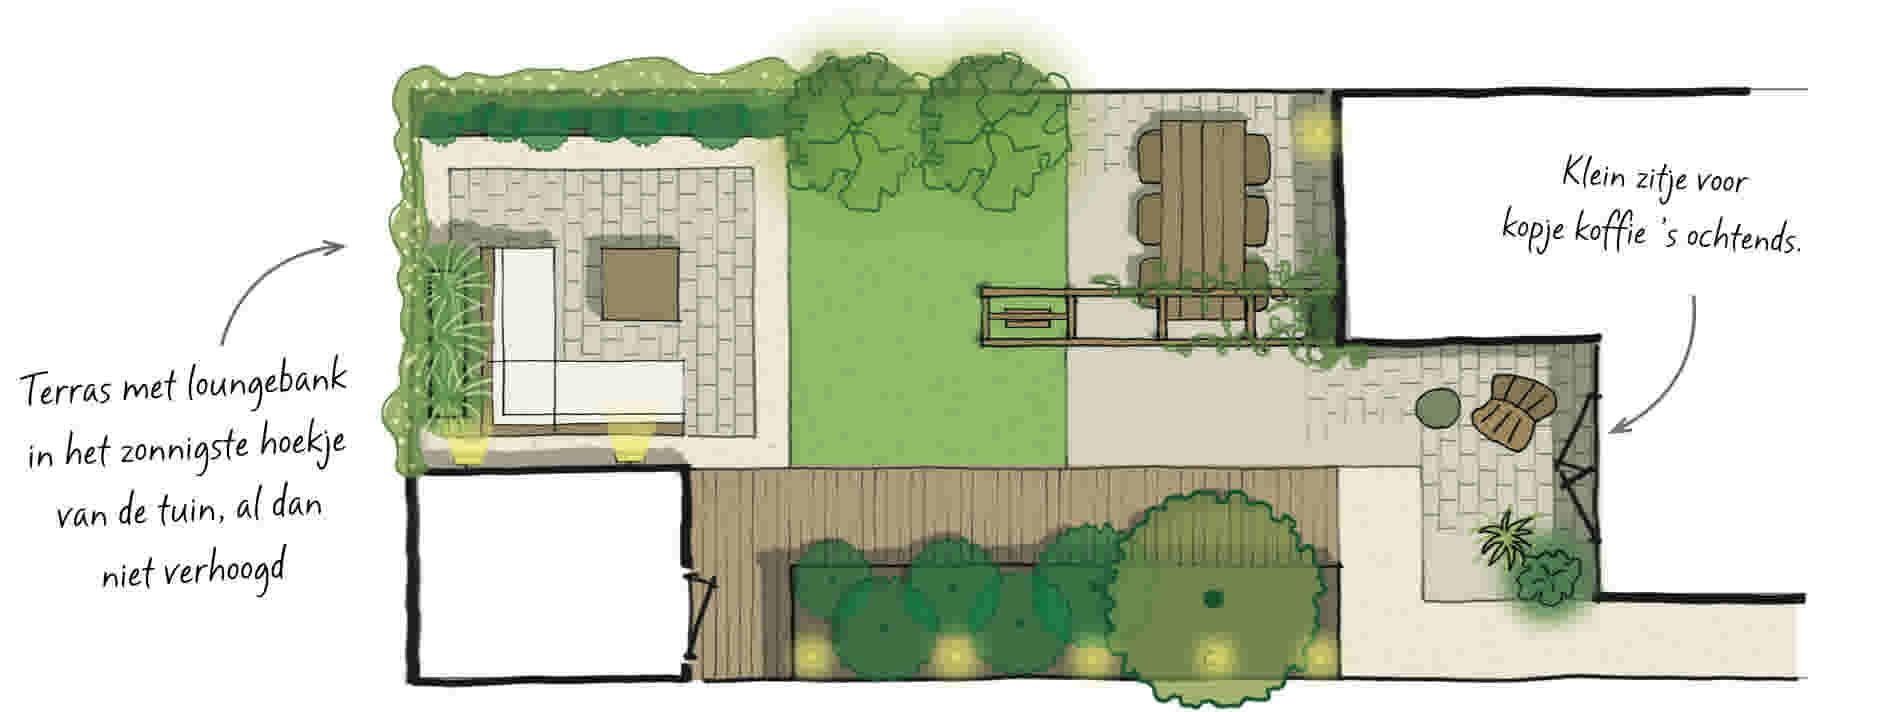 Ontwerp zelf je tuin in 5 stappen for Tuinontwerp zelf